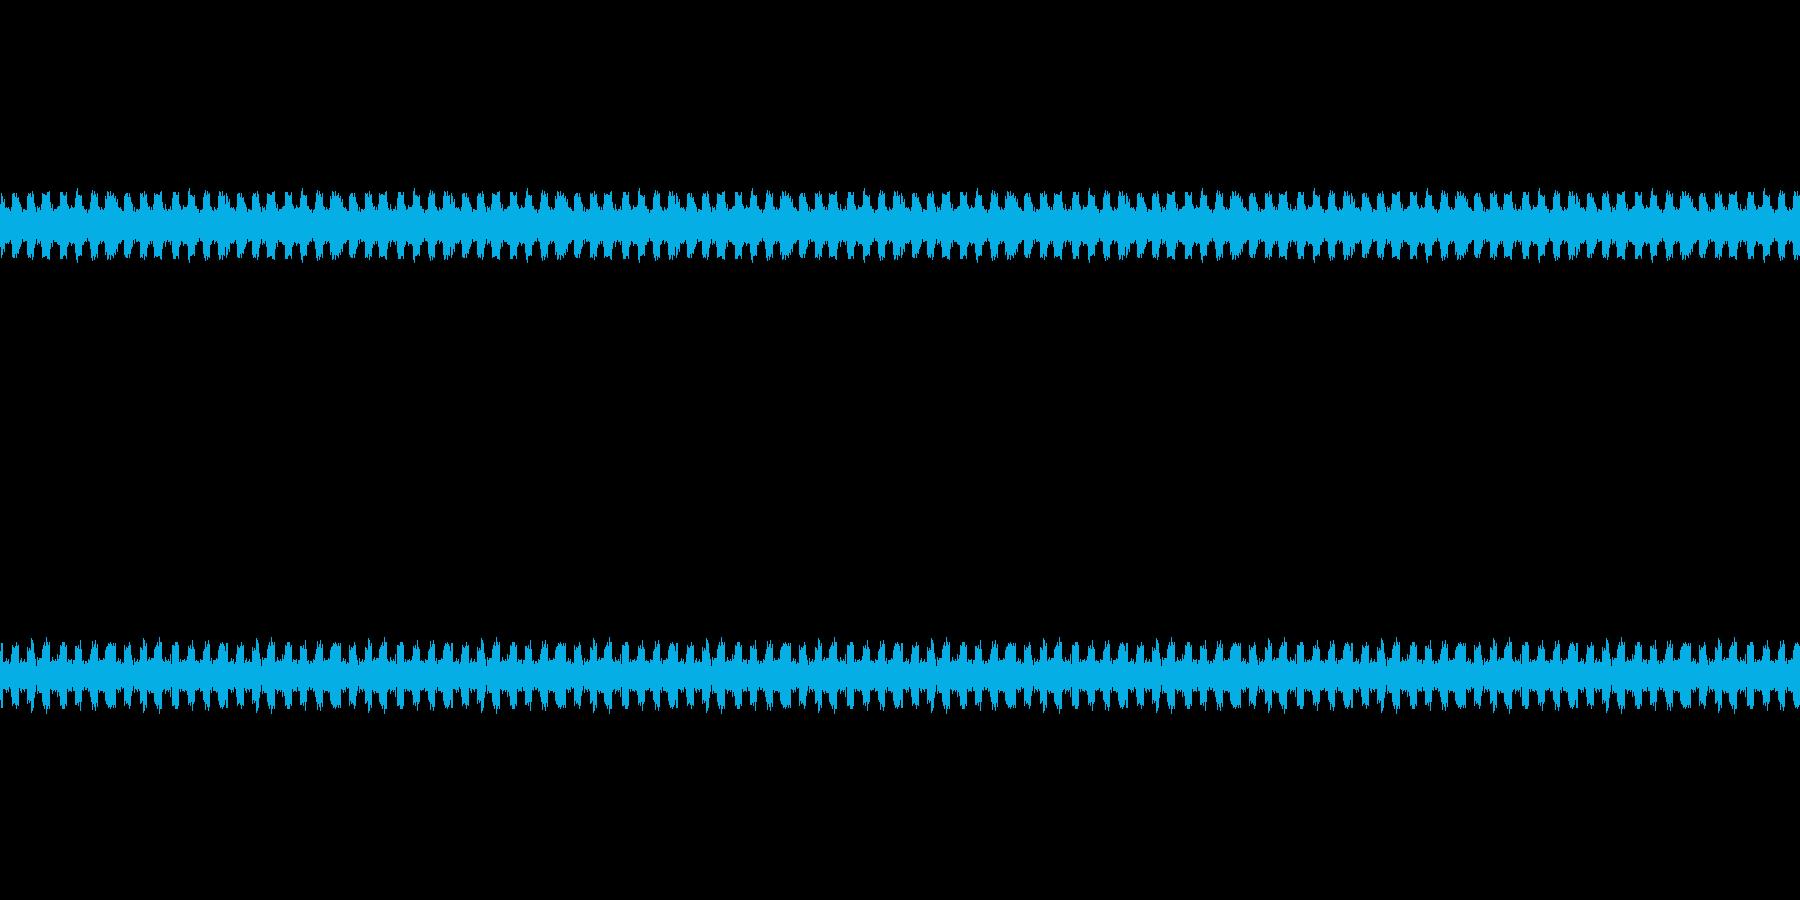 ASMR 音フェチApp用 ノイズ 4の再生済みの波形